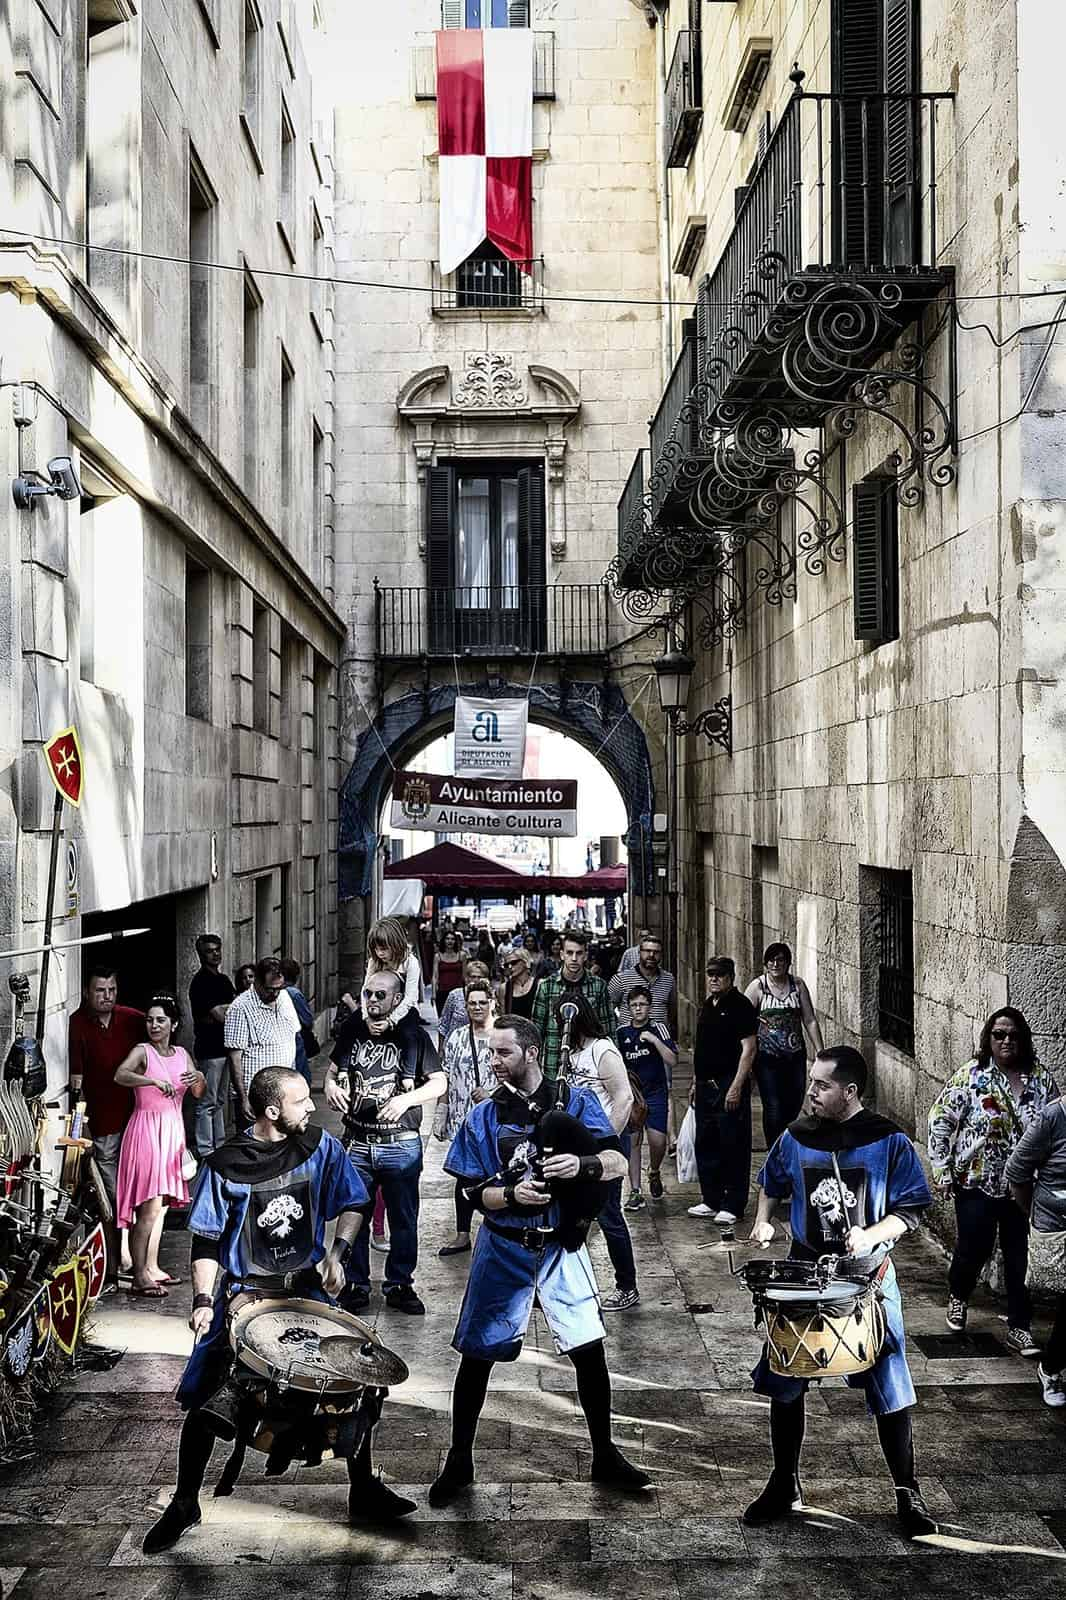 1431109610_M.Medieval Alicante